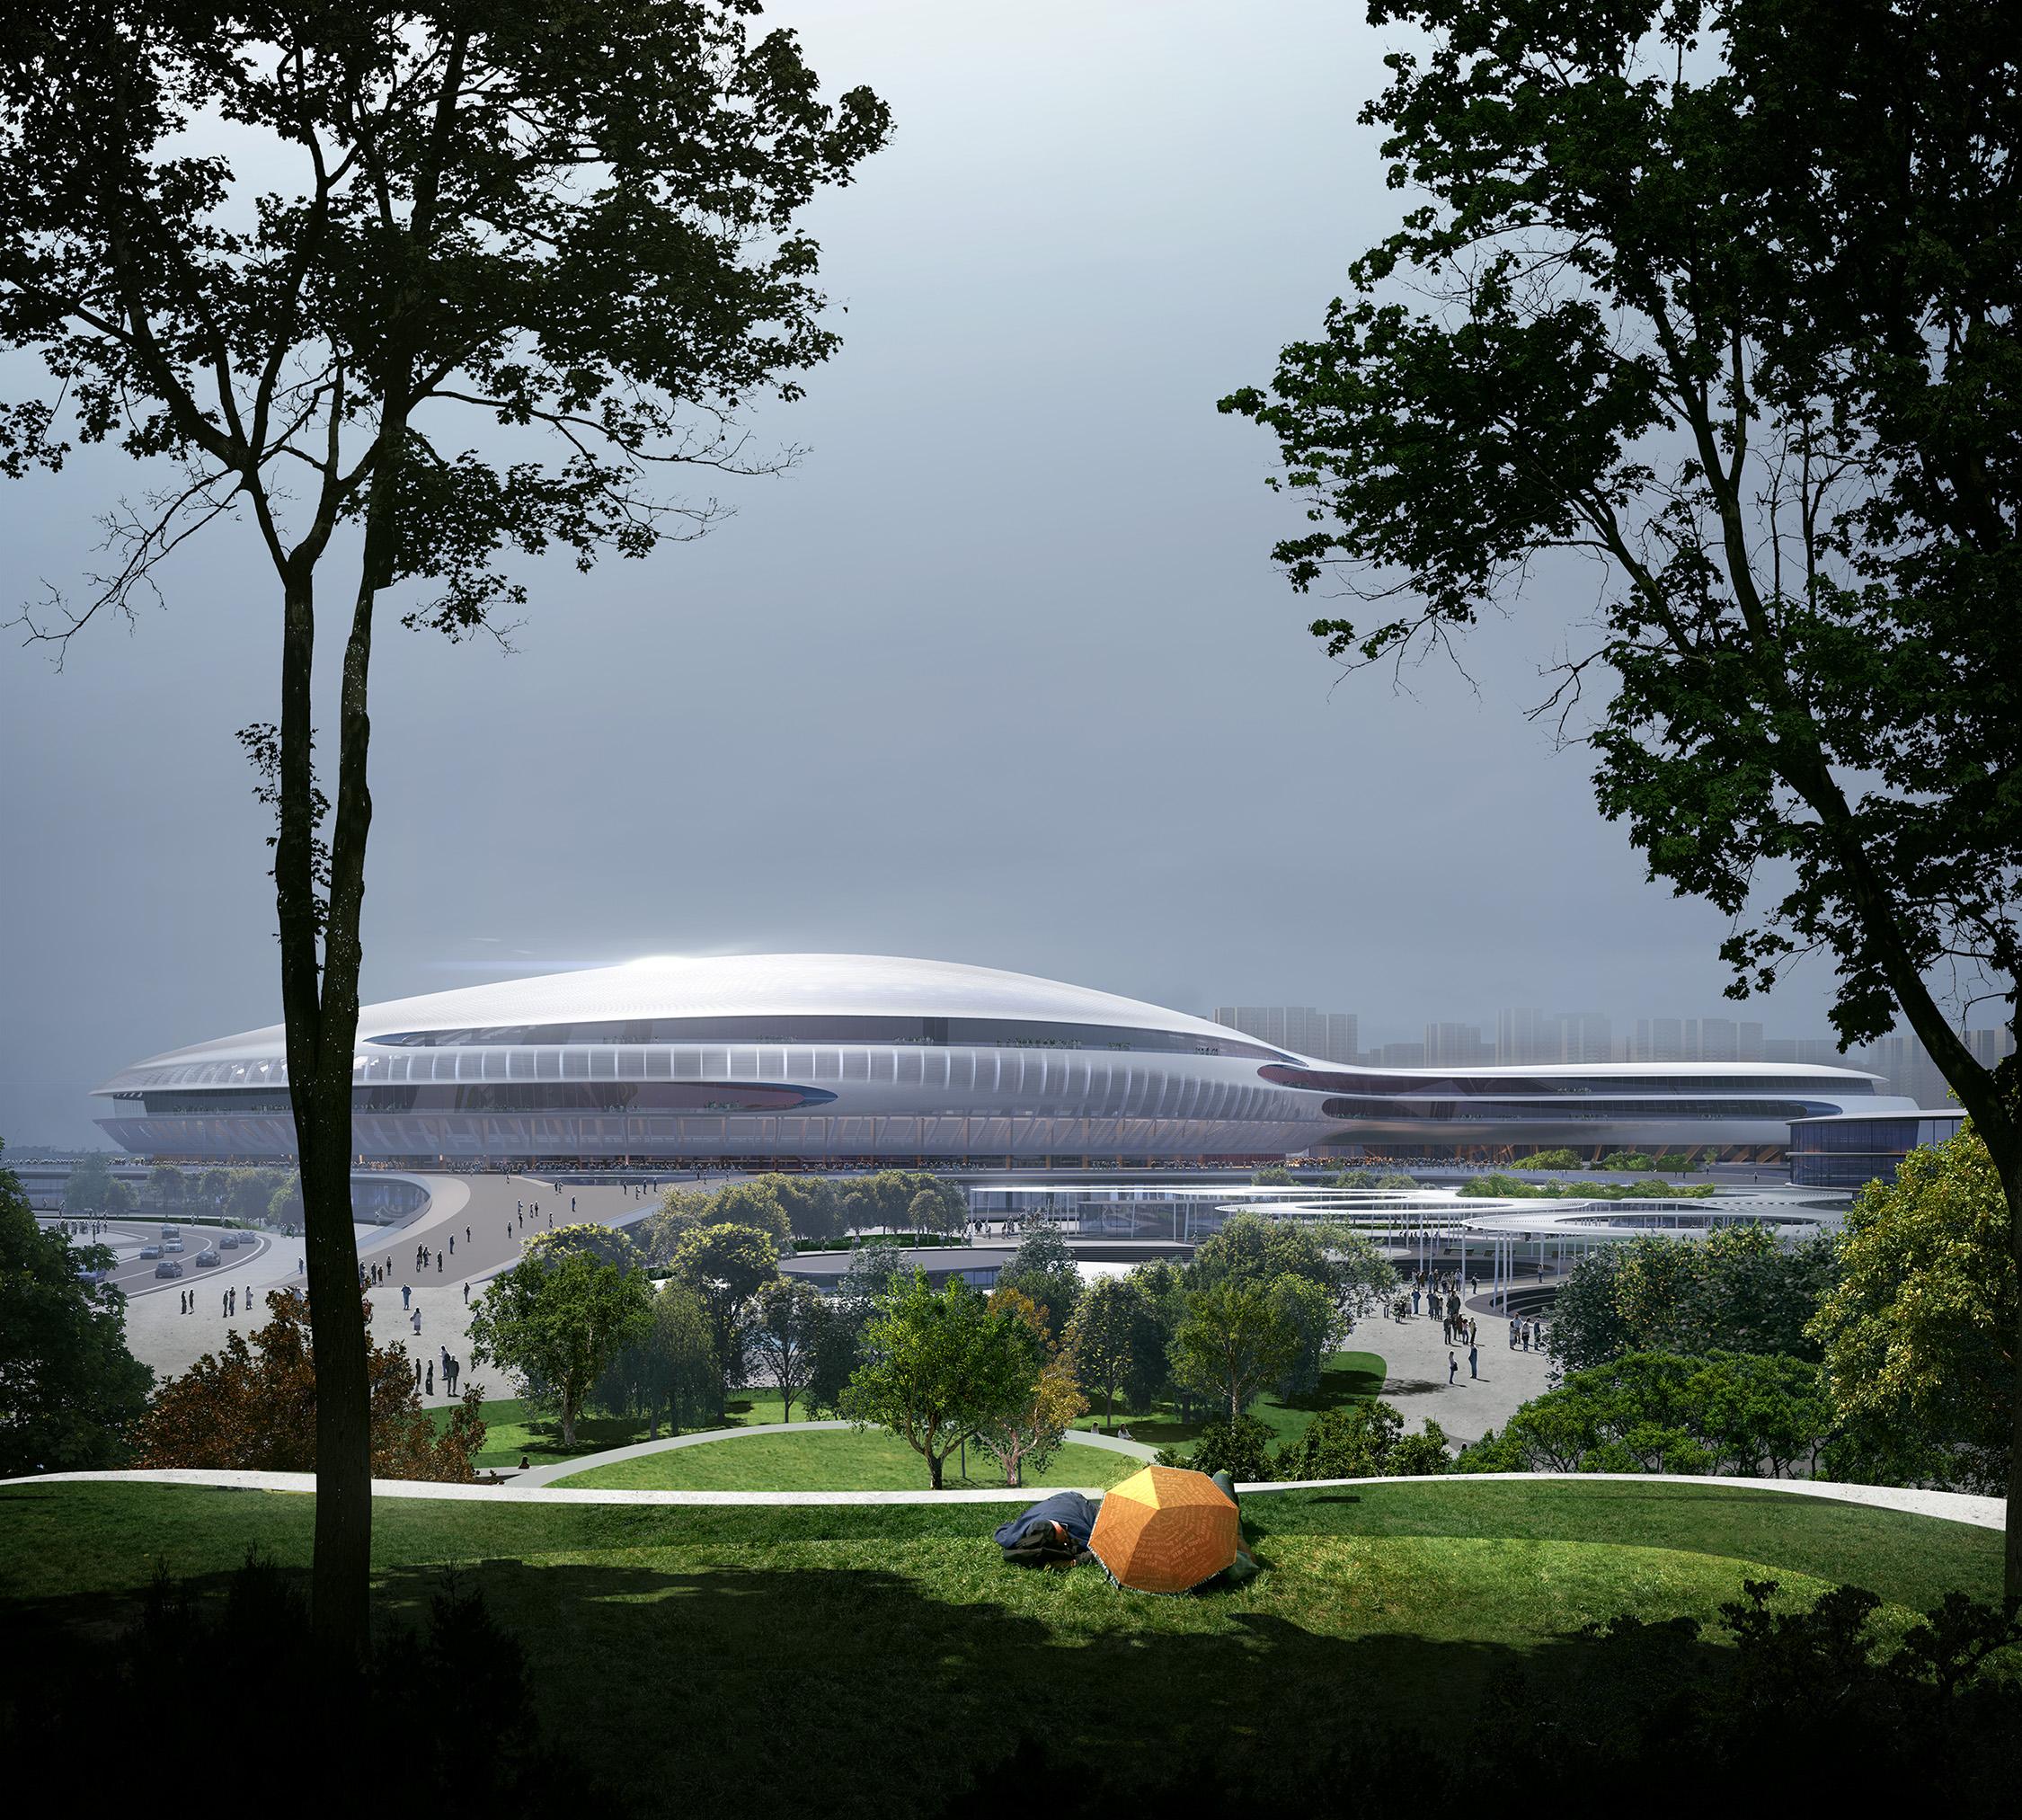 Chengdu Stadium